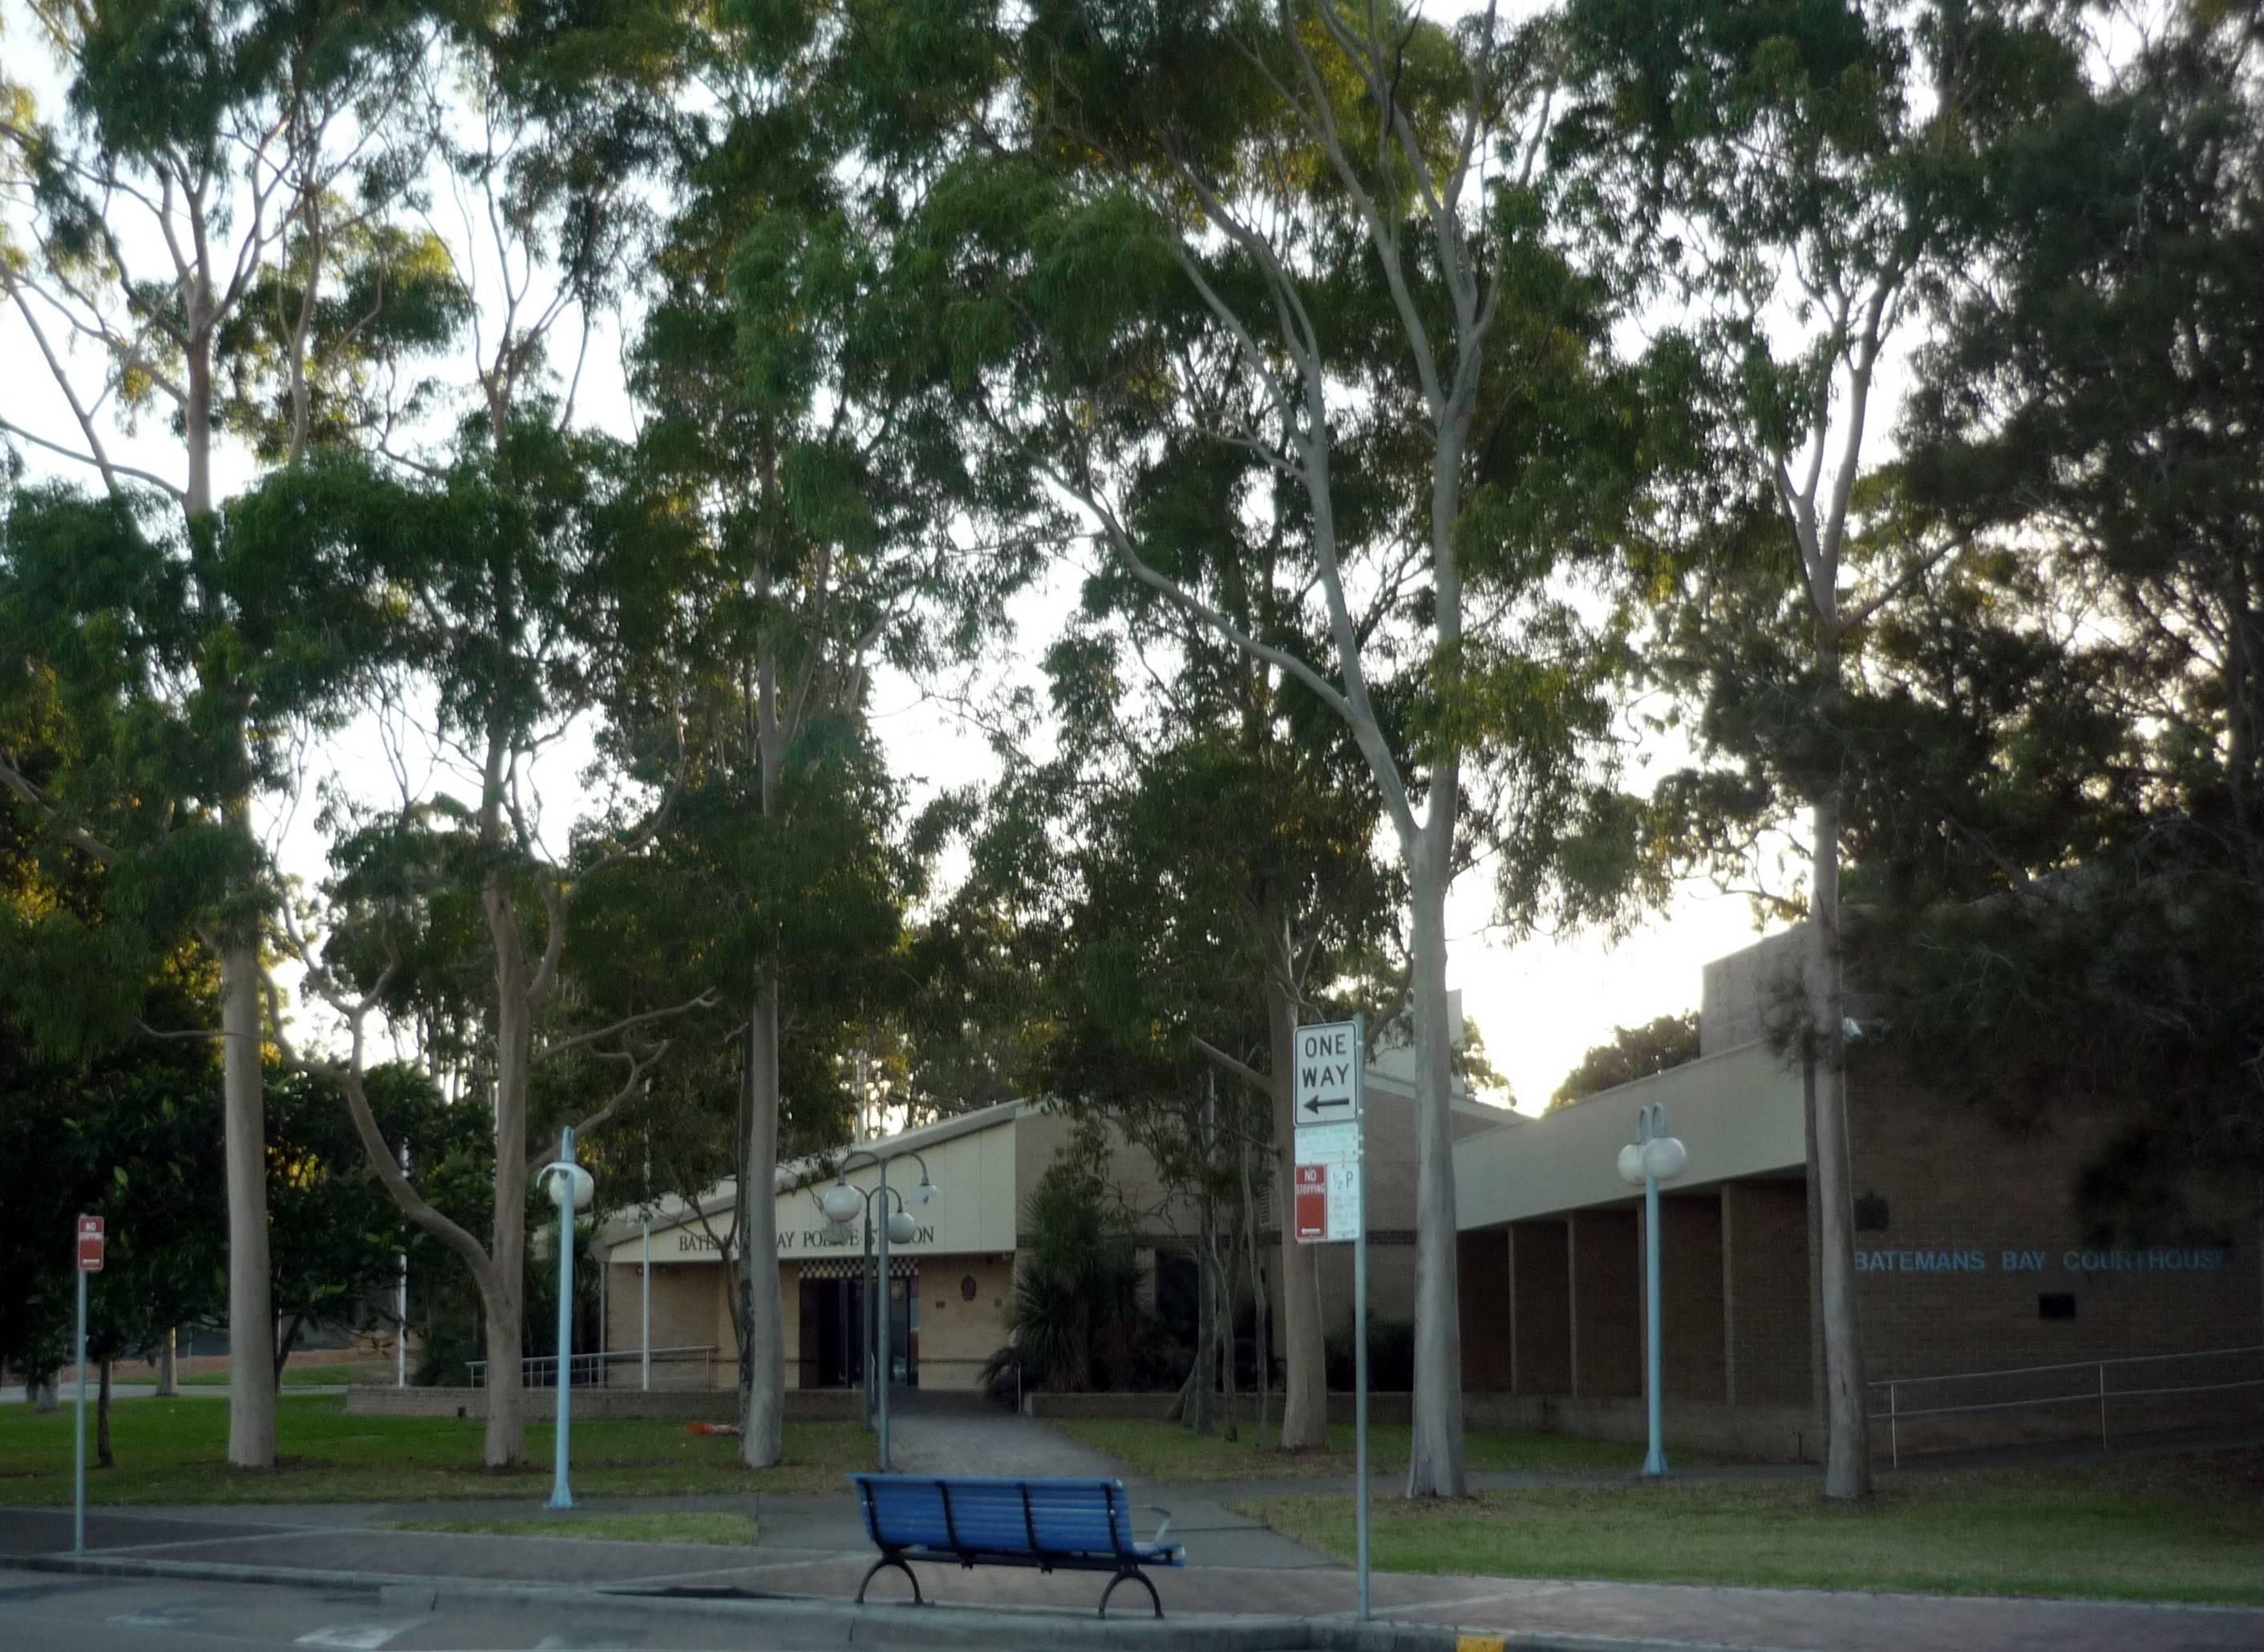 Batemans Bay Police Station